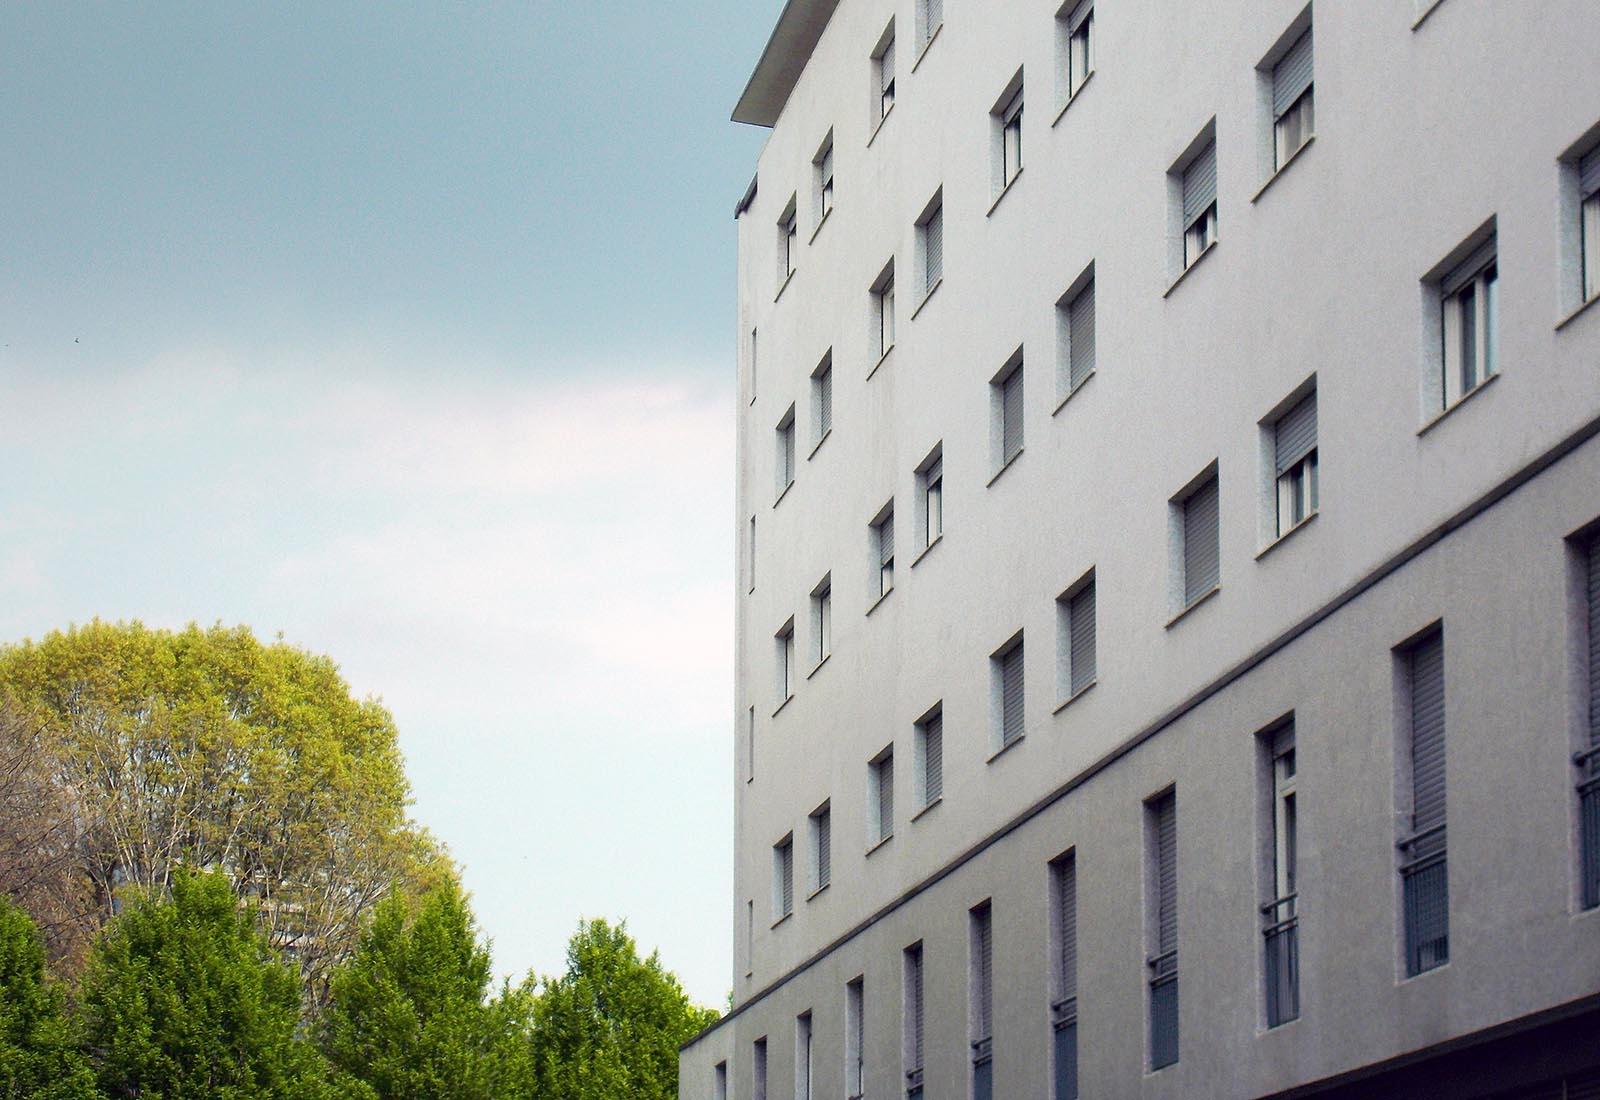 Residenza universitaria di via Corridoni - Dettaglio della facciata della casa della Laureata